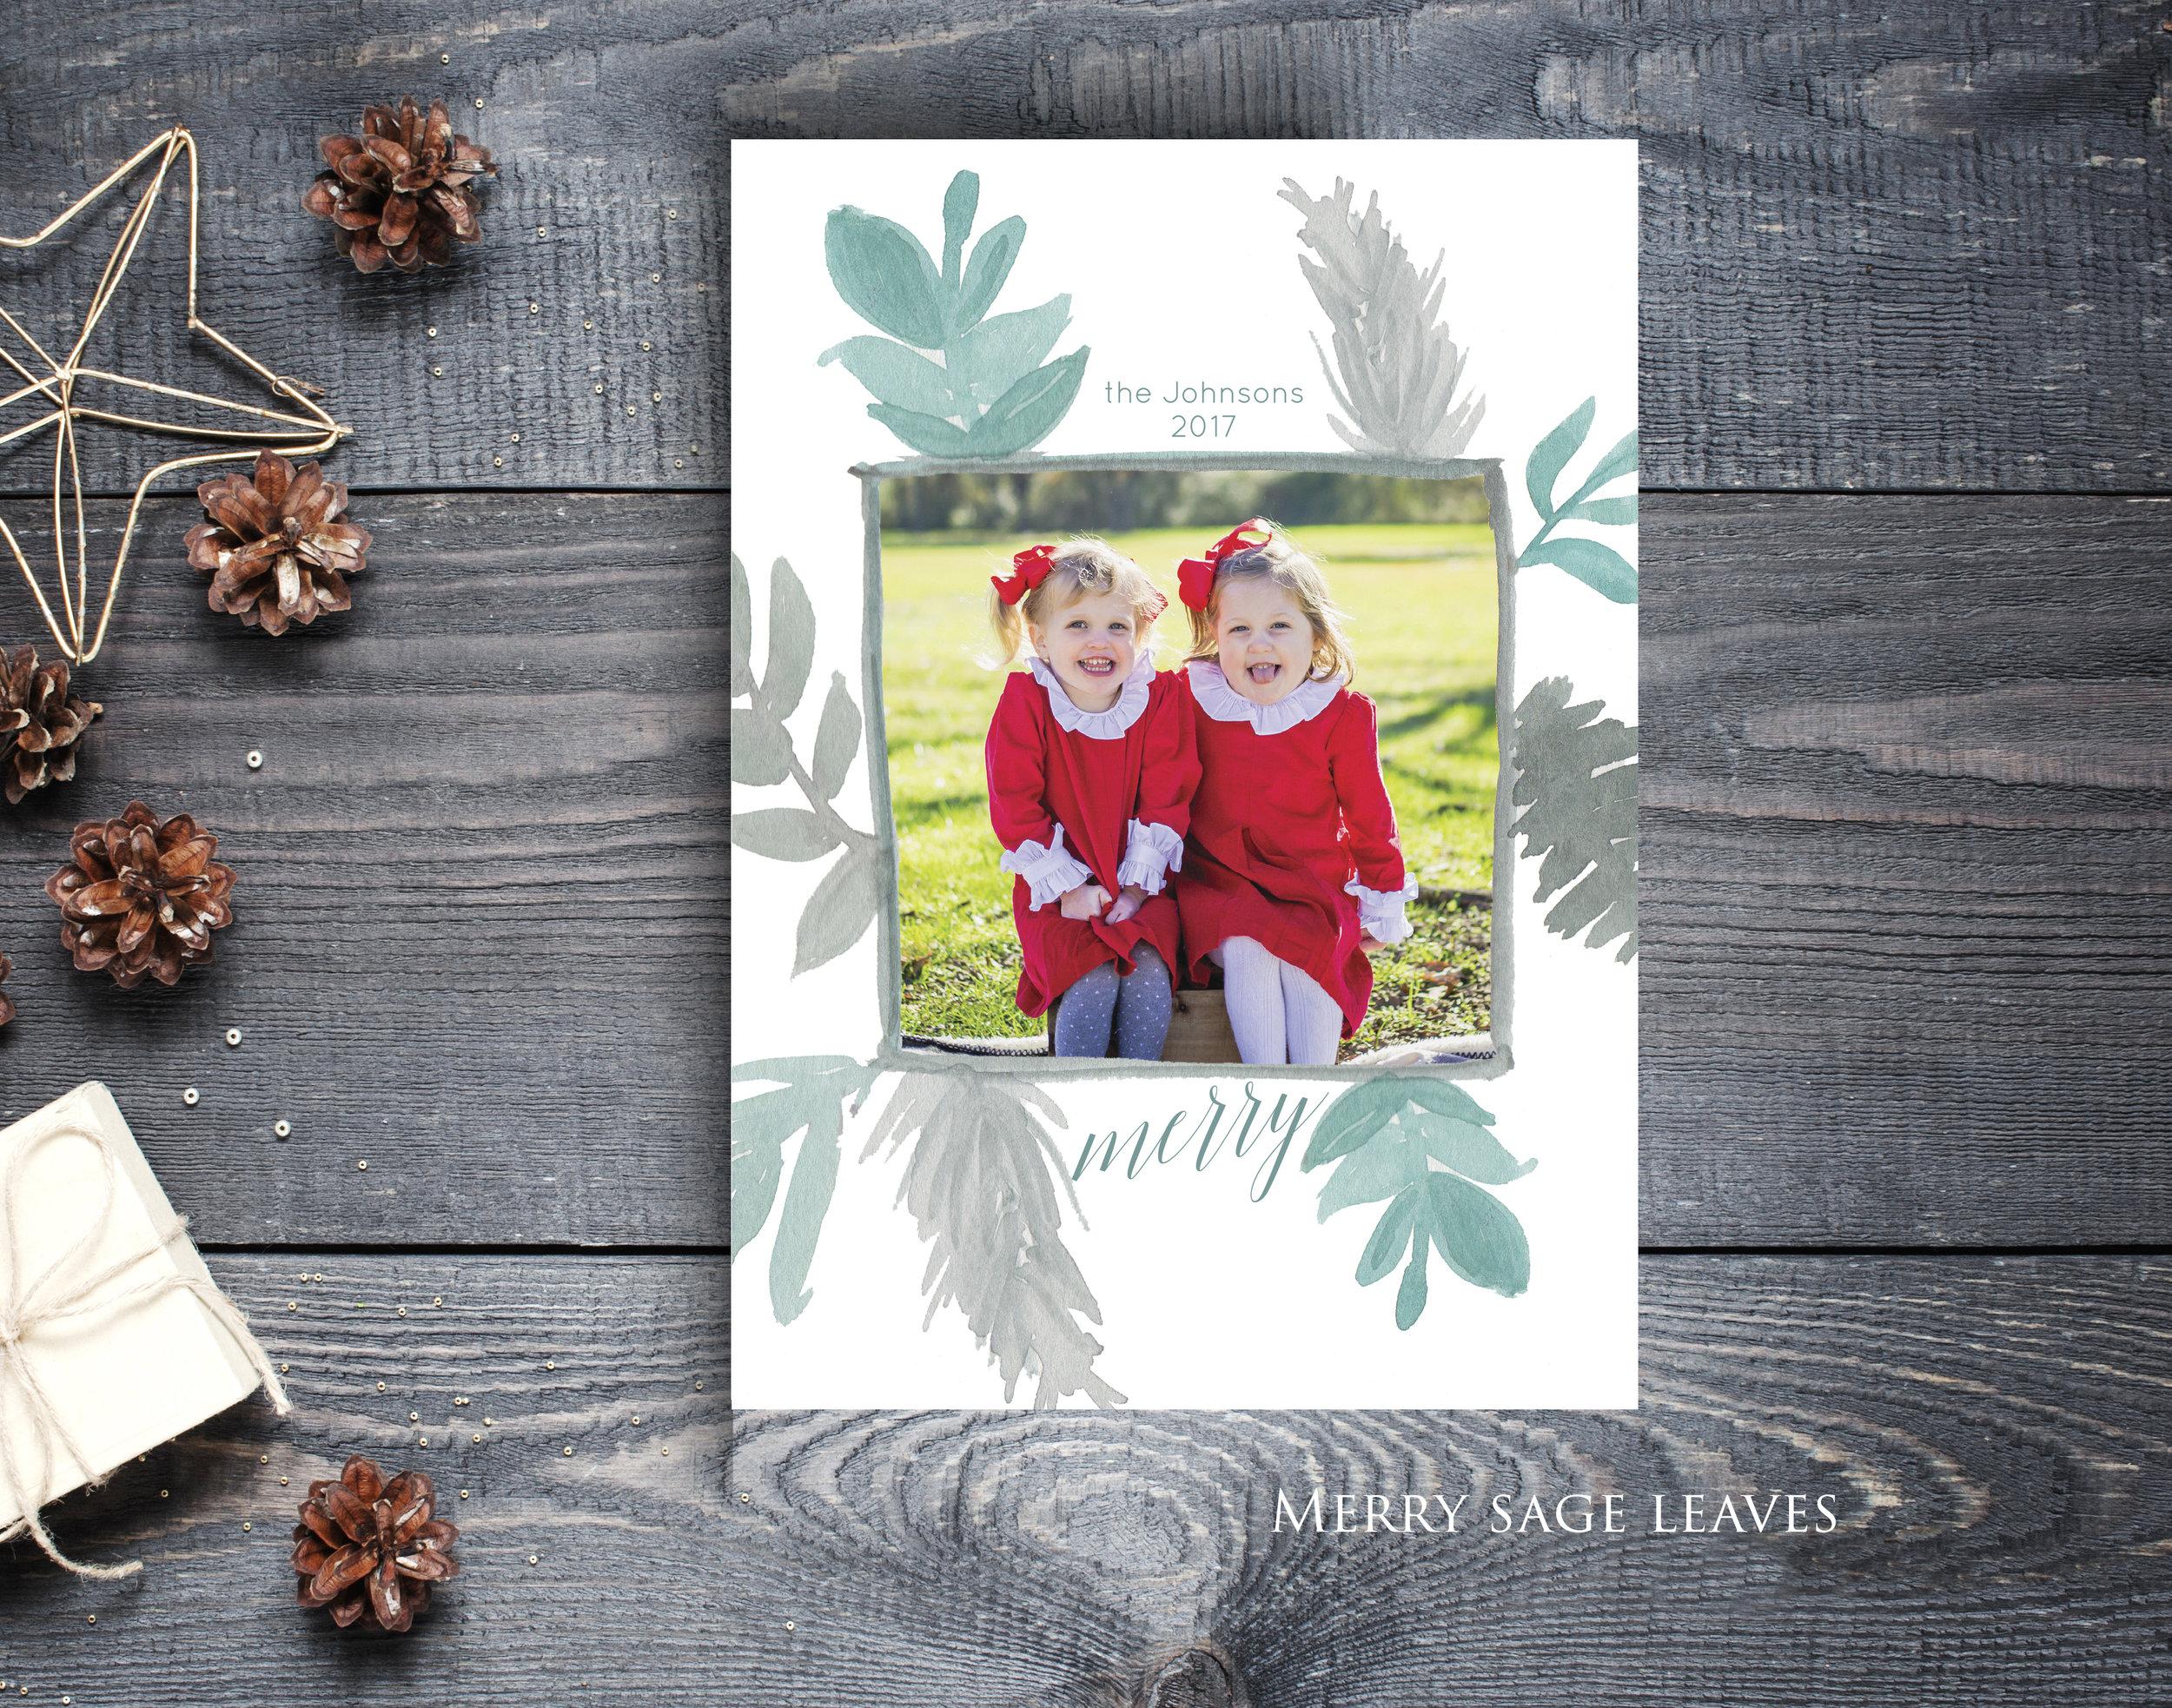 MerrySageLeaves_web.jpg